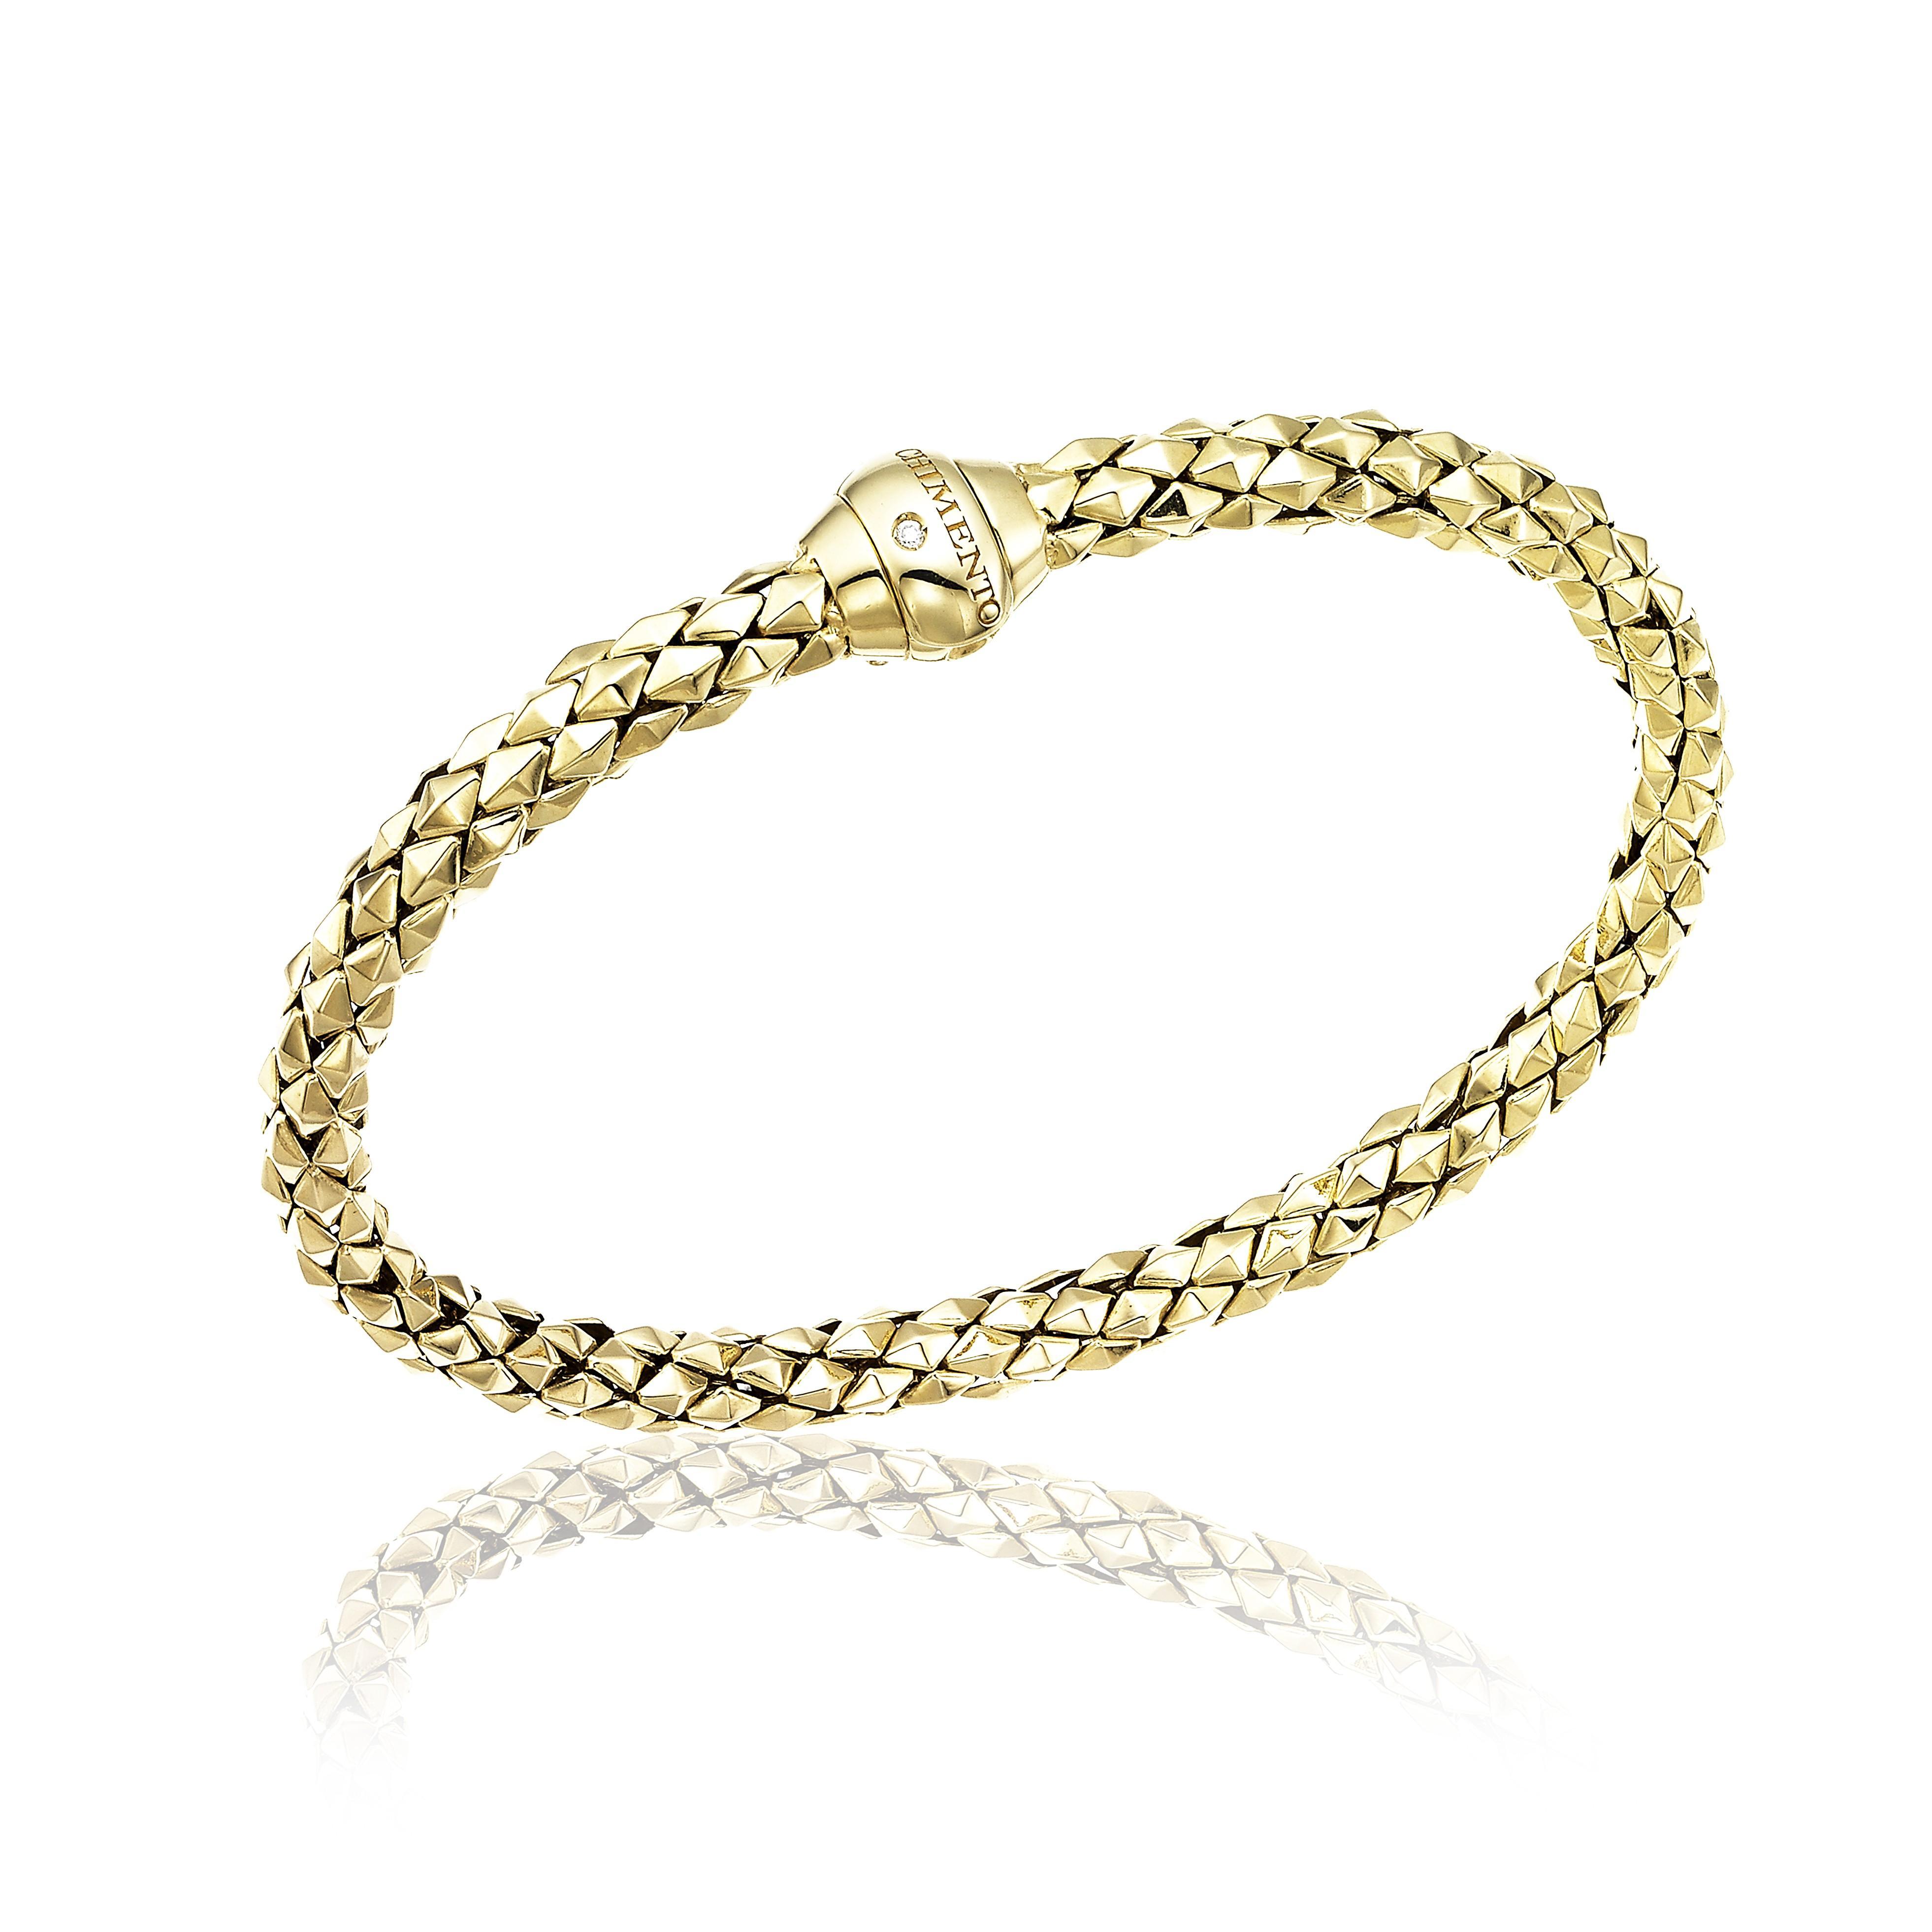 bracciale donna oro giallo 18 kt e diamante Chimento Stretch